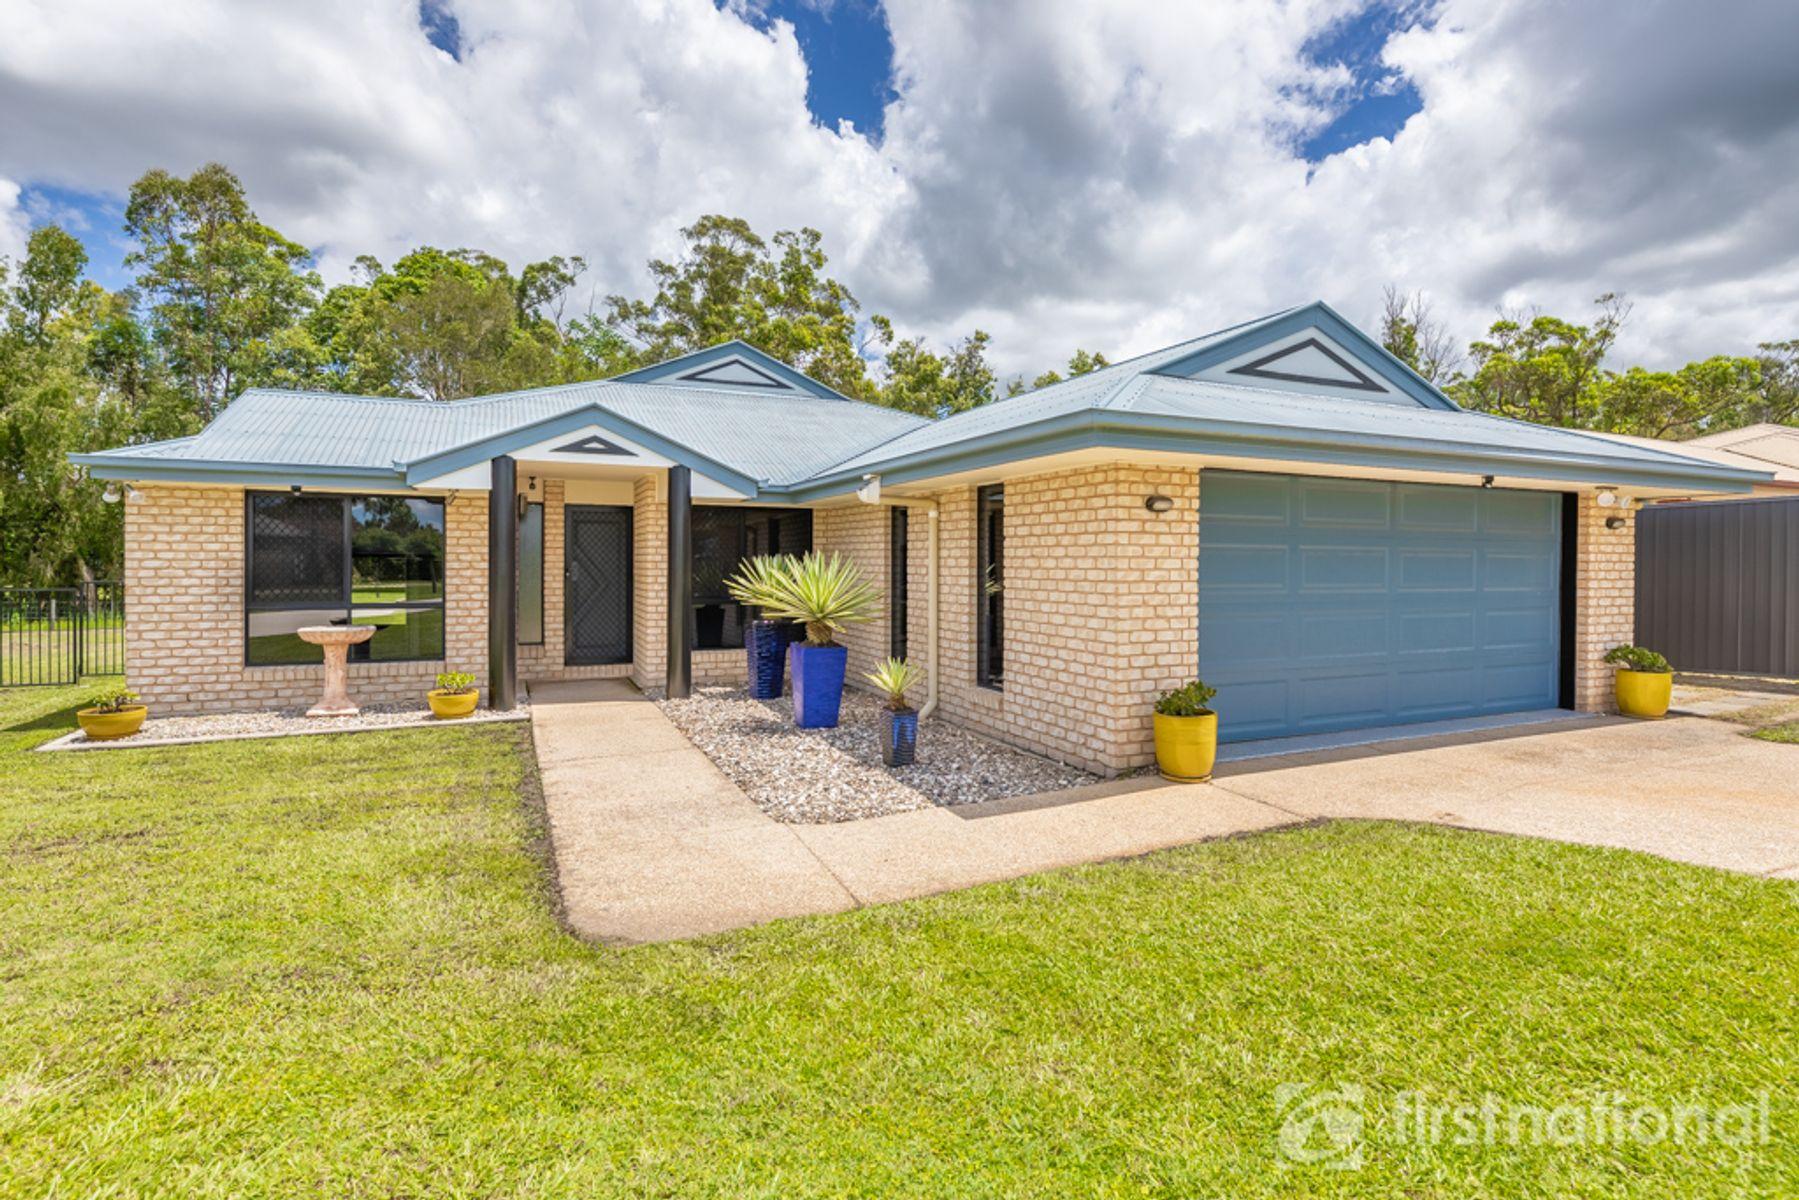 8A Wattlebird Pl, Landsborough, QLD 4550